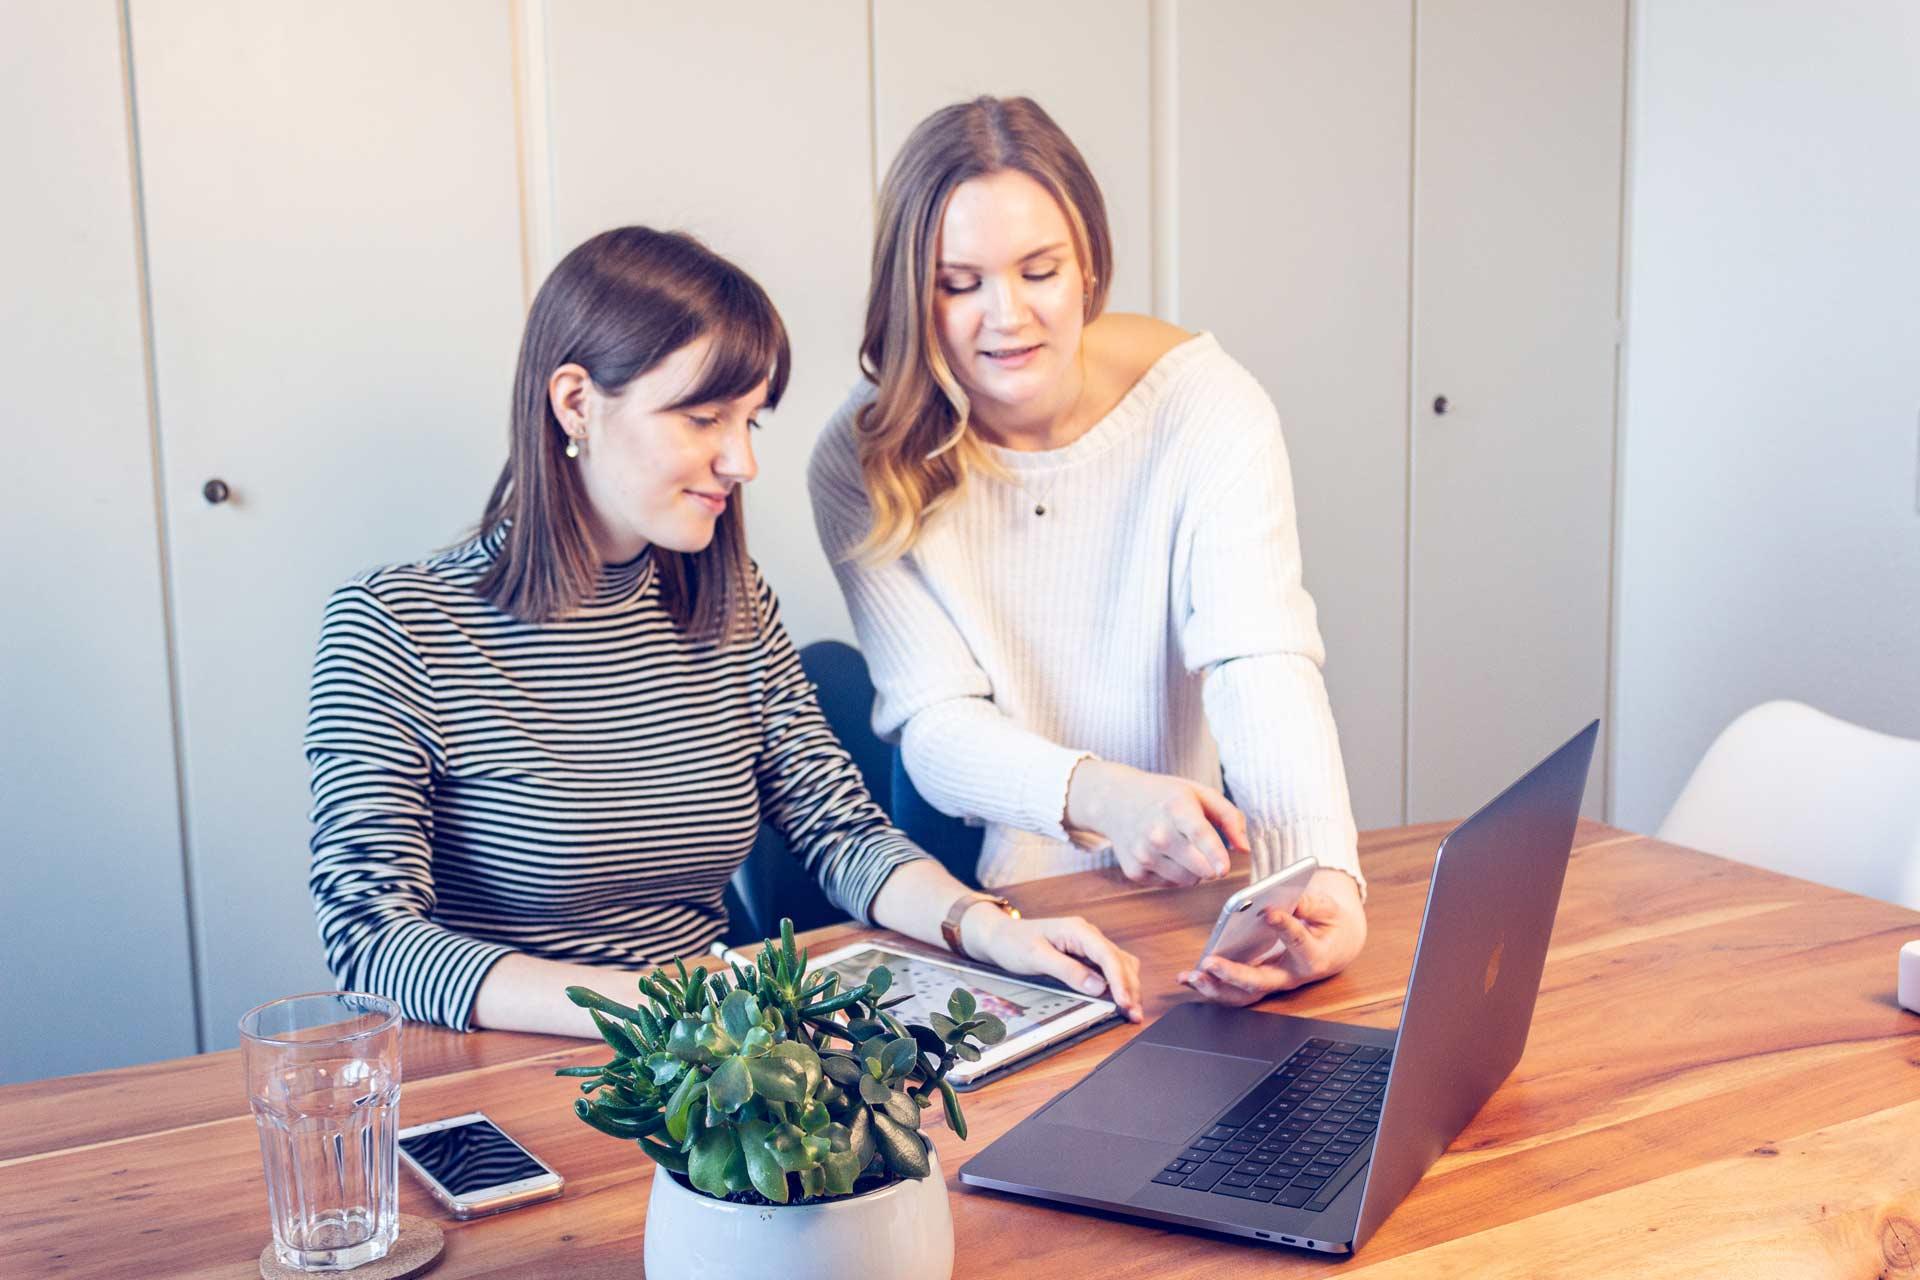 Zwei Mitarbeiterinnen schauen auf ein Mobilgerät.